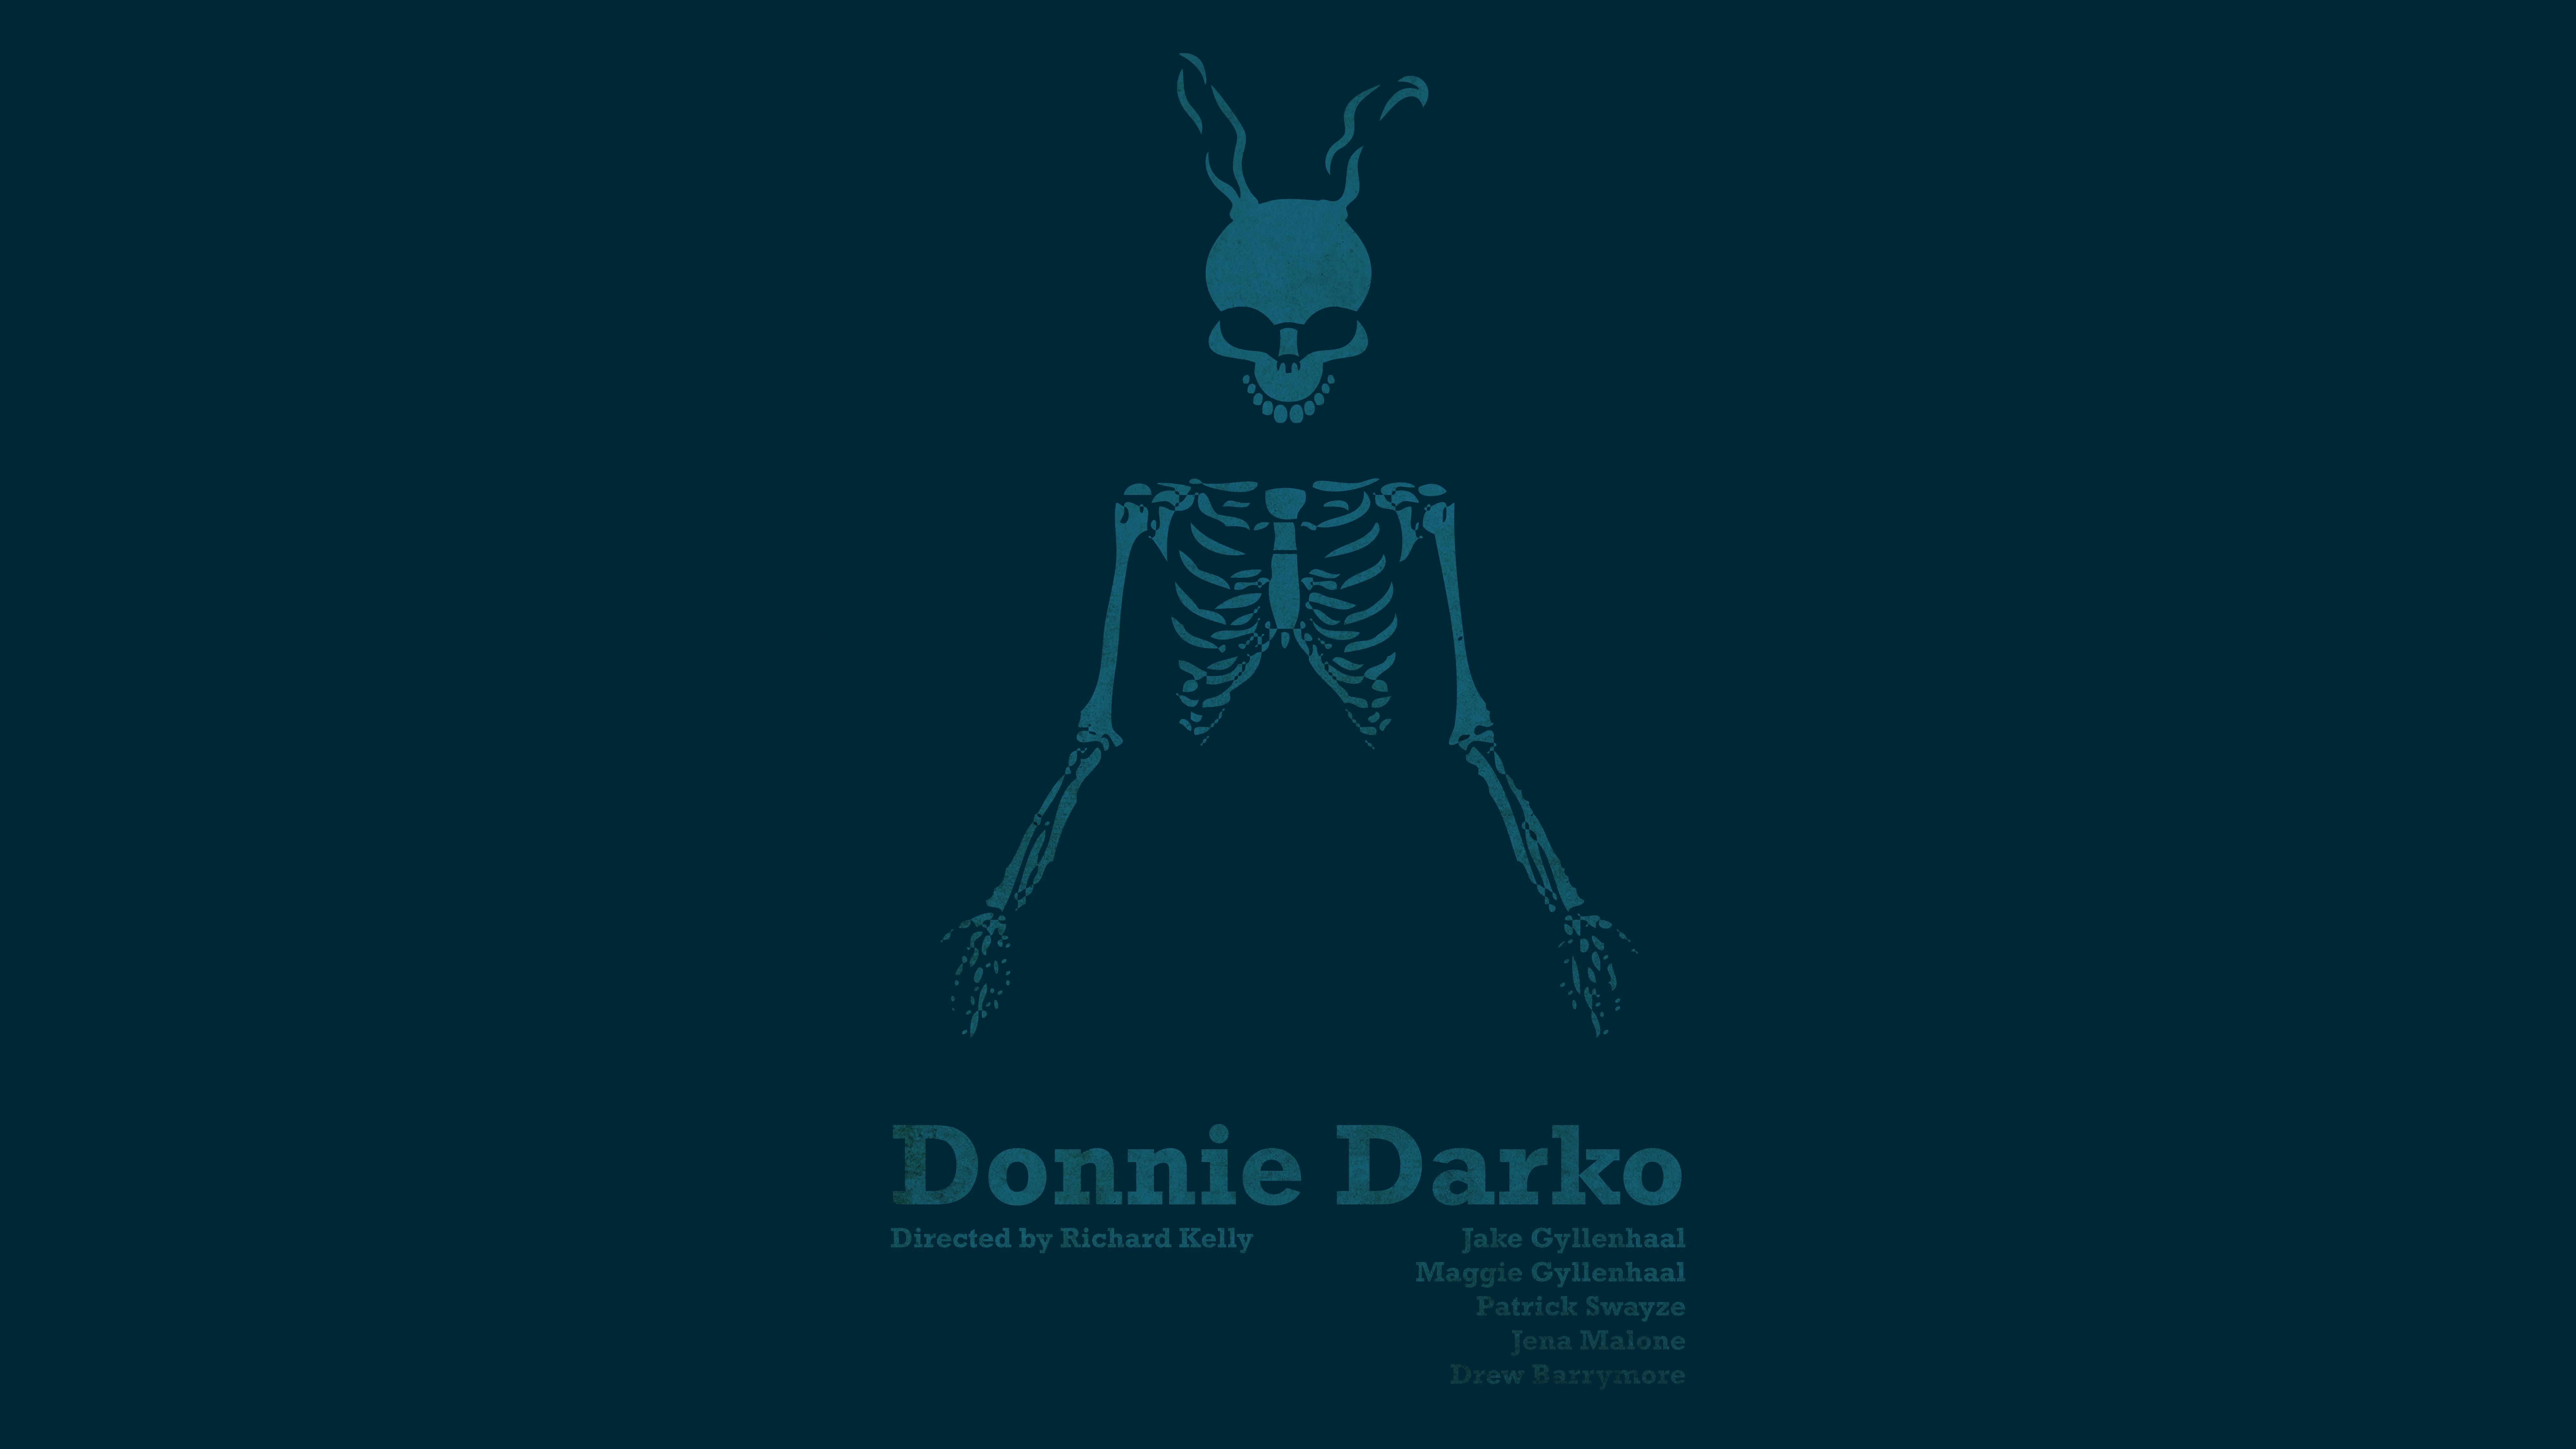 S Darko Movie Wallpapers  WallpapersIn4knet